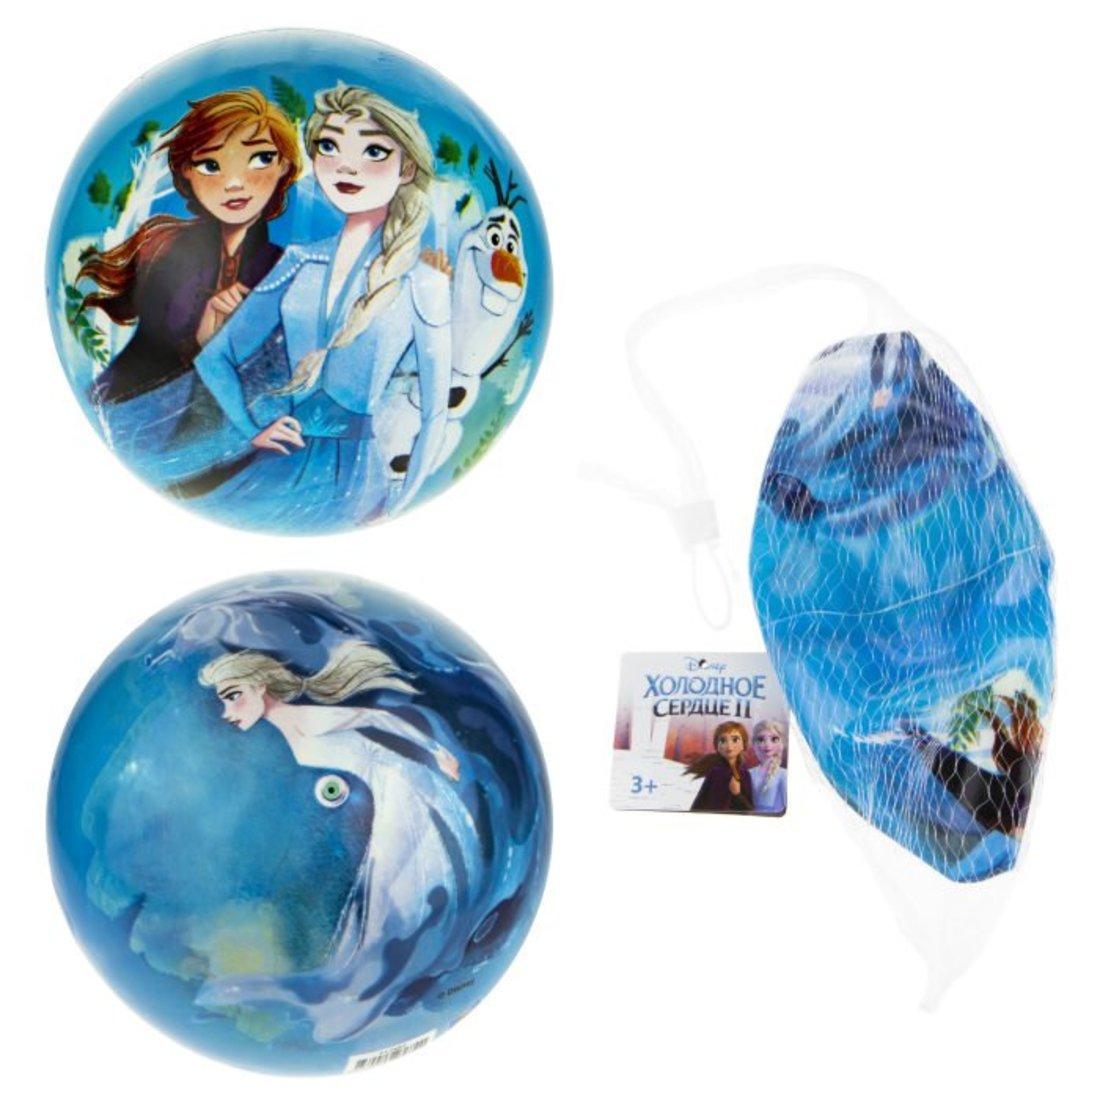 Мяч Disney Холодное сердце 23 см